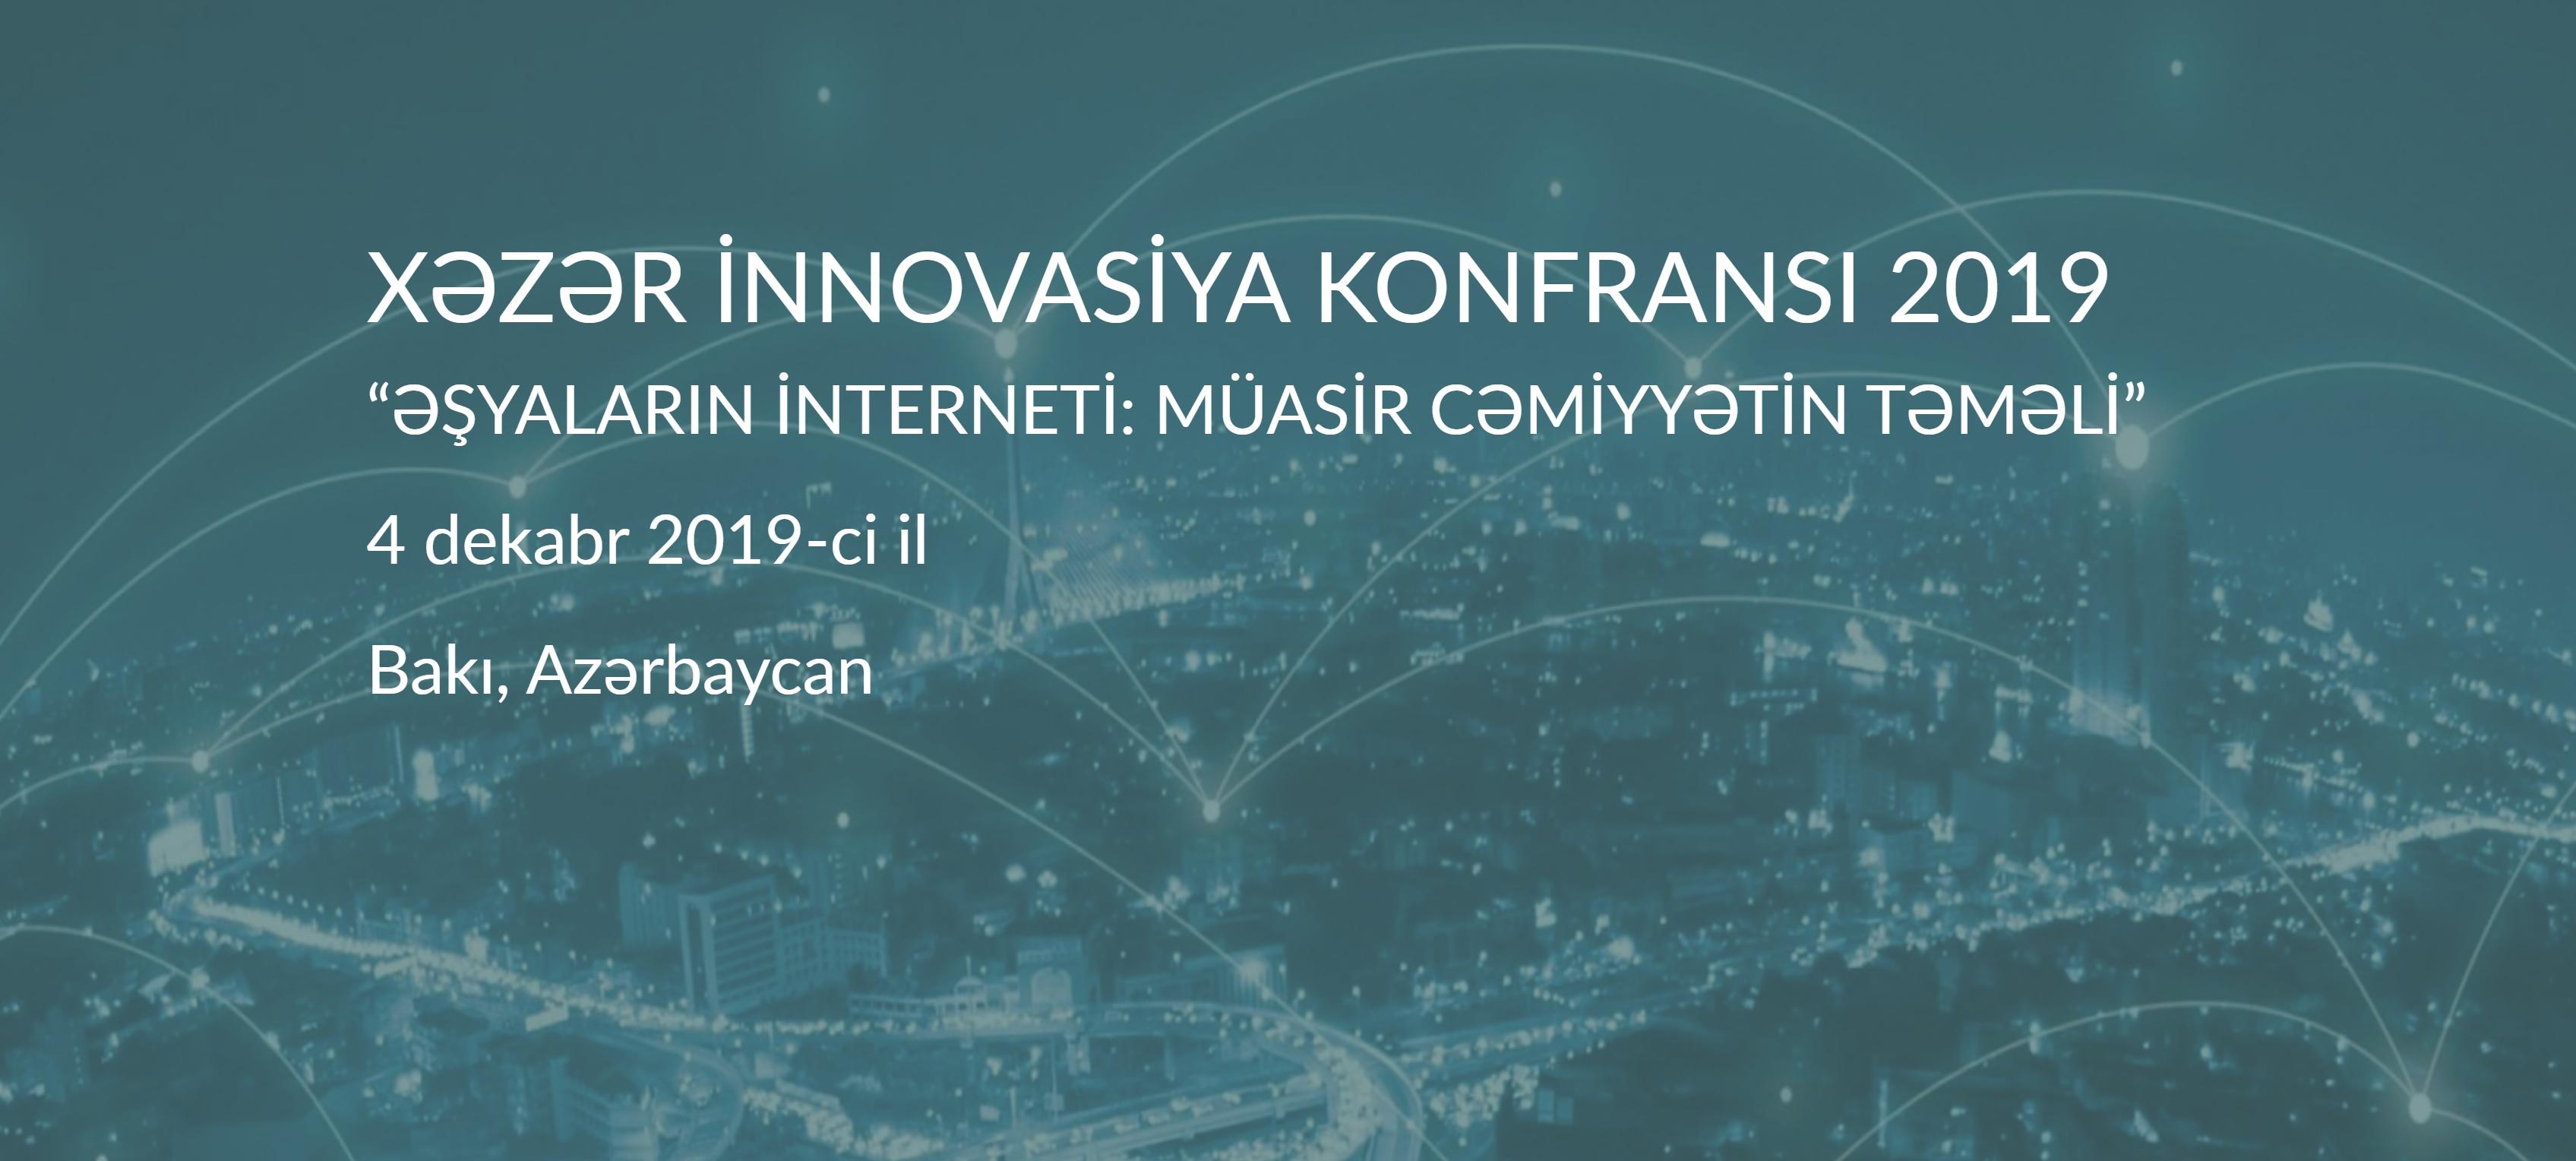 """""""Əşyalar interneti: müasir cəmiyyətin təməli"""" mövzusunda II Xəzər İnnovasiya Konfransı keçiriləcək"""